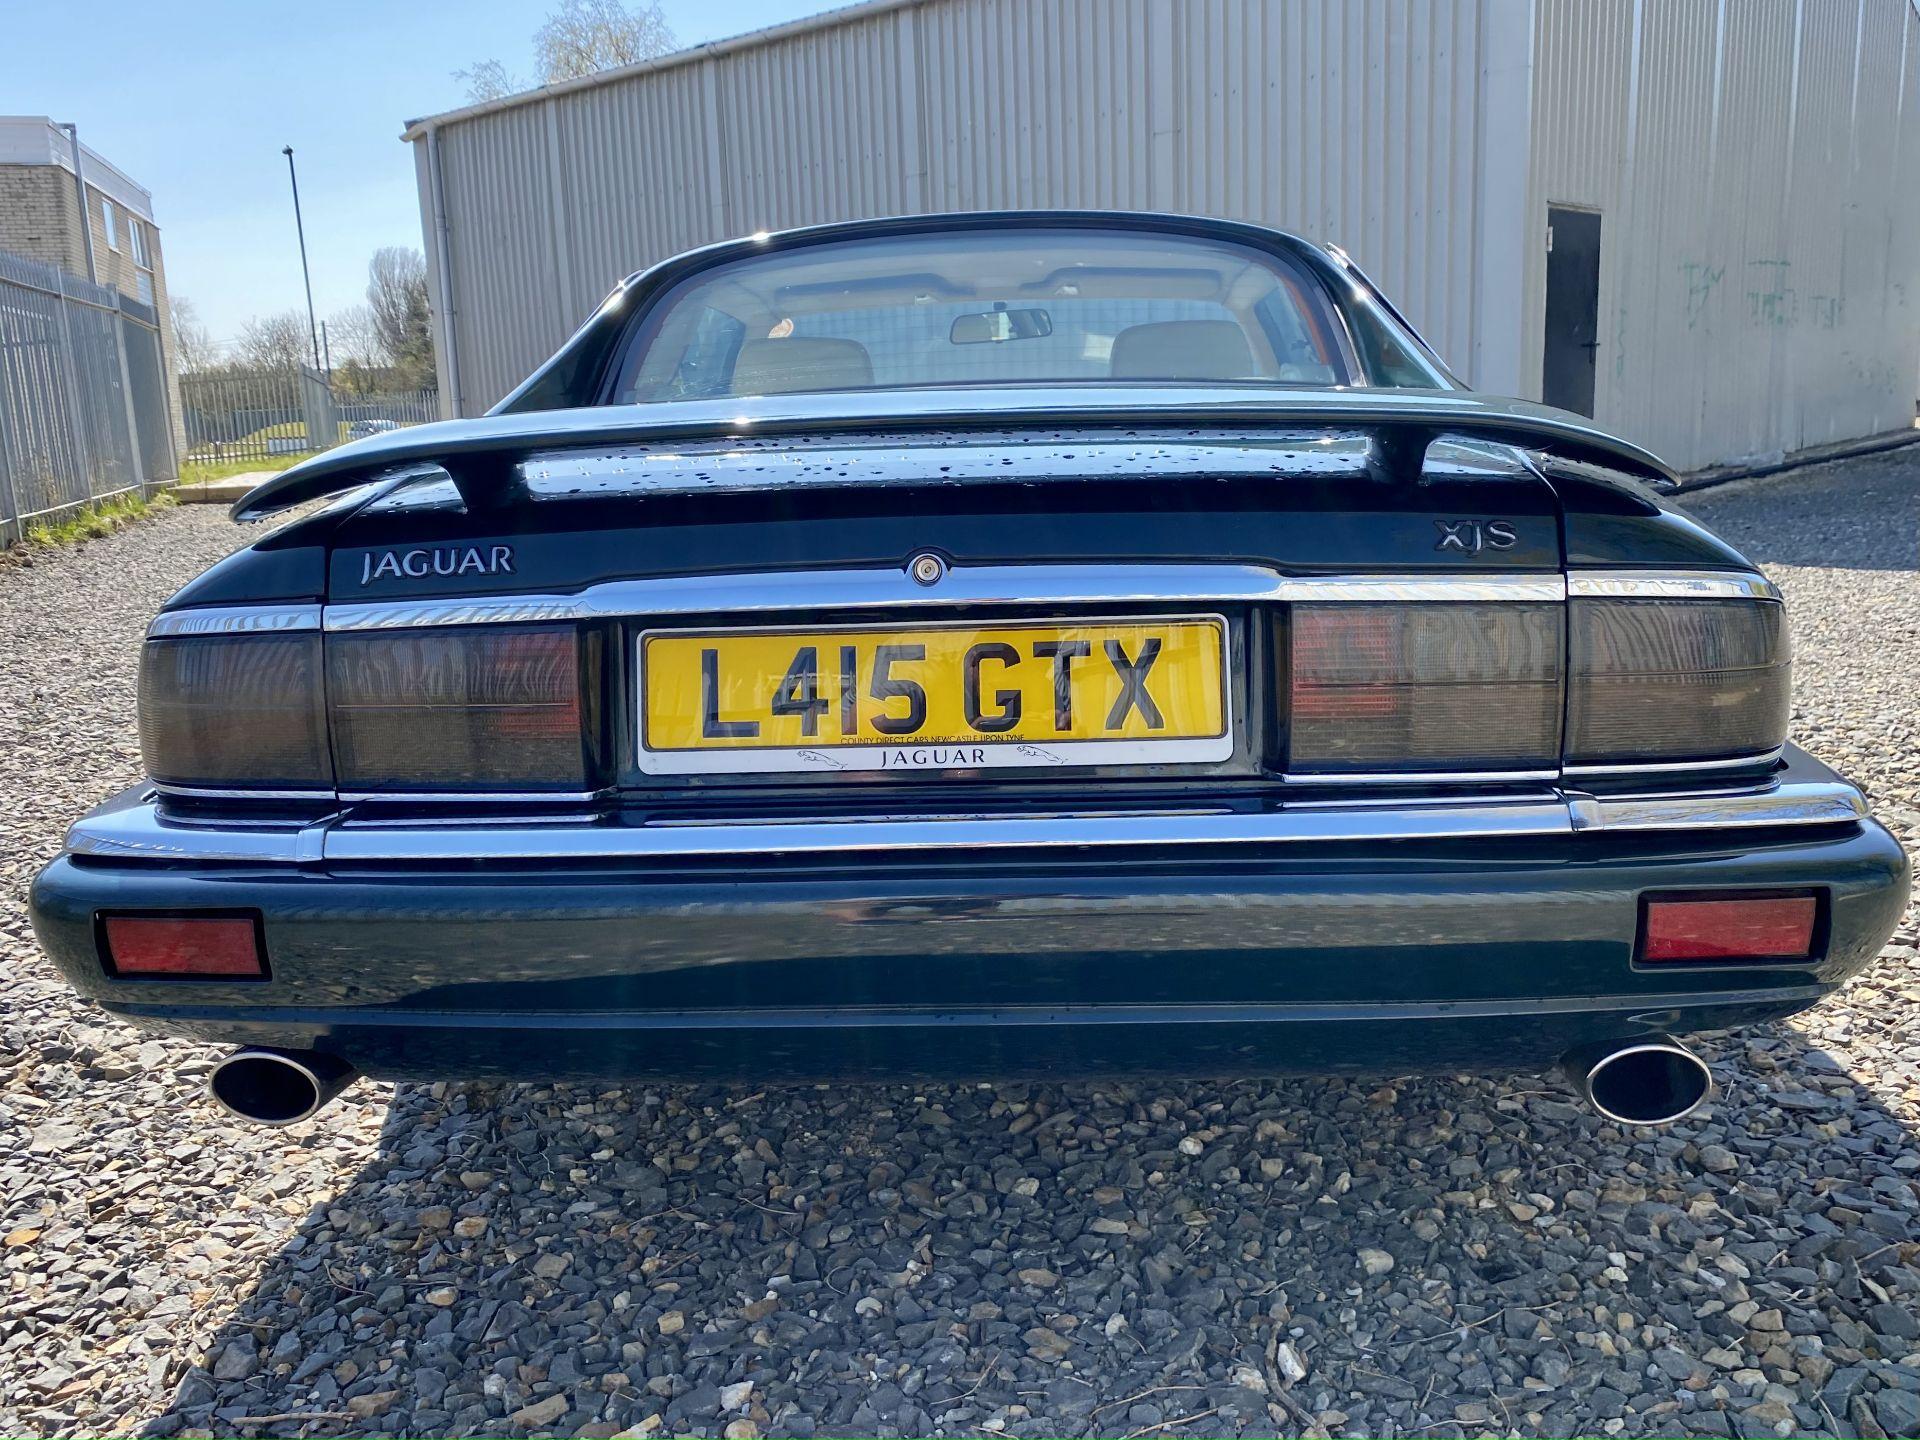 Jaguar XJS coupe - Image 43 of 64